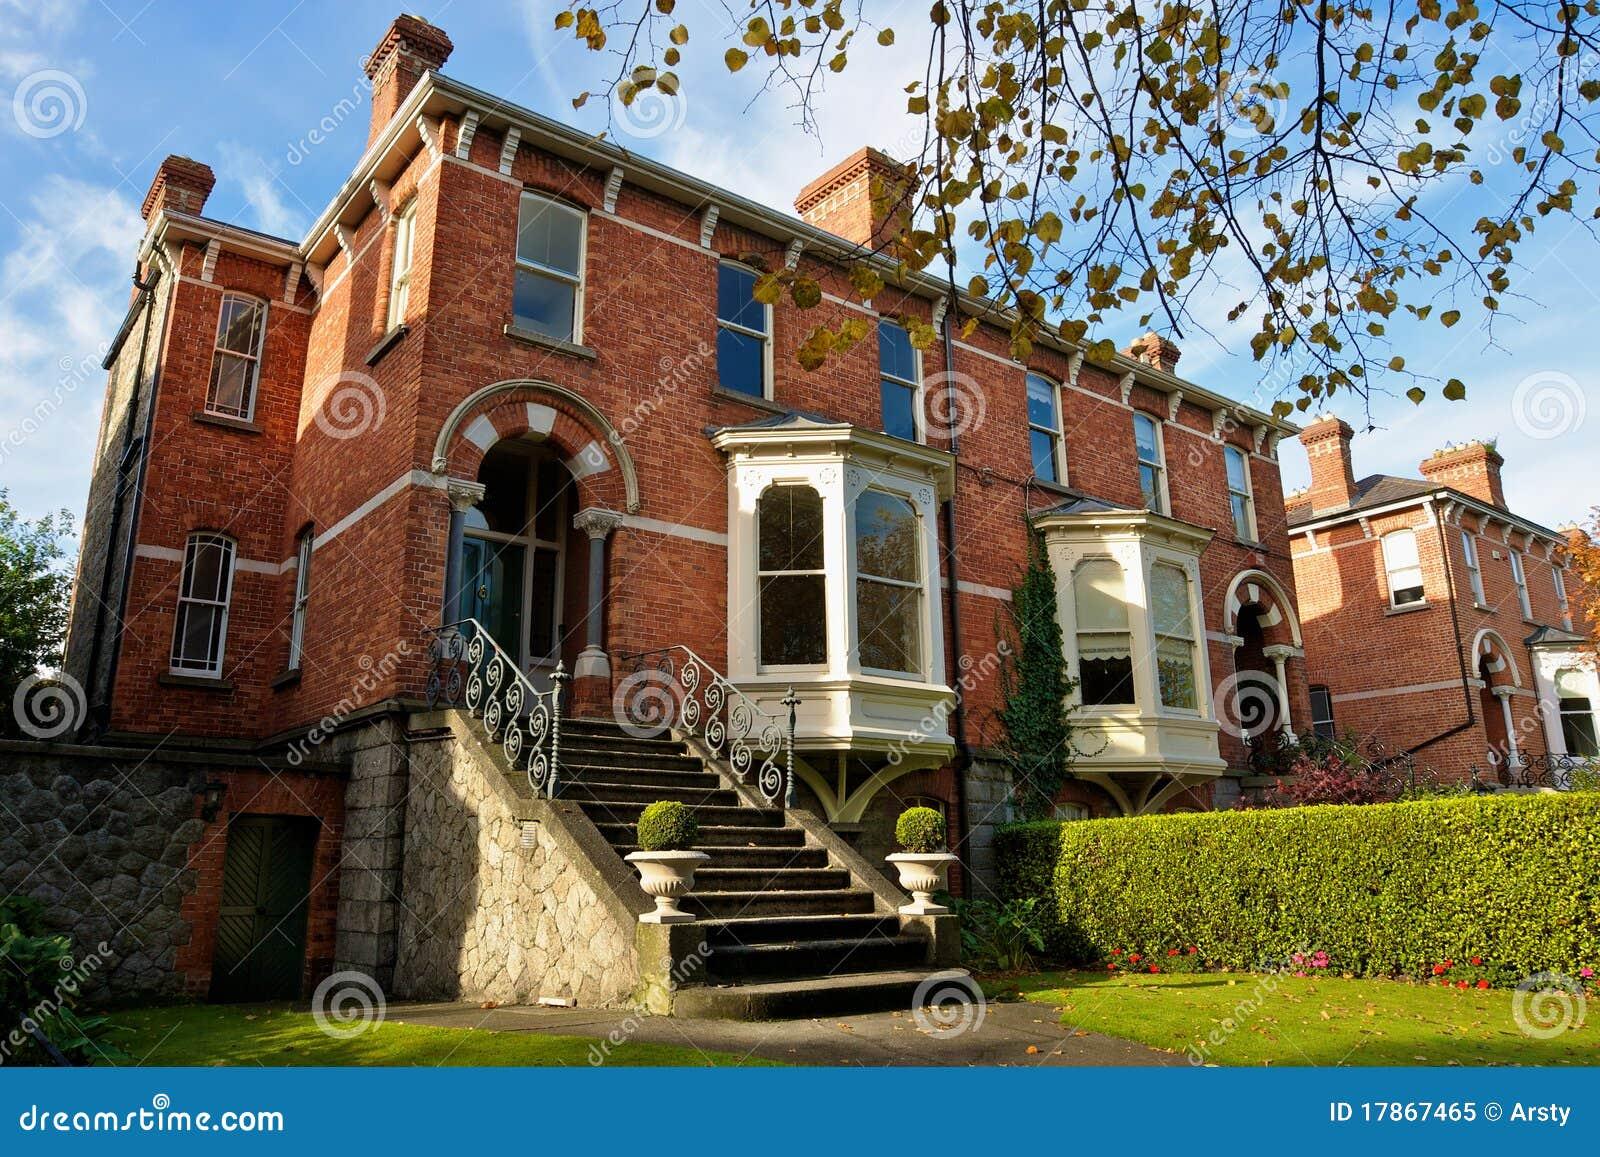 Casas de dubl n irlanda imagen de archivo imagen de exterior 17867465 - Apartamentos en irlanda ...